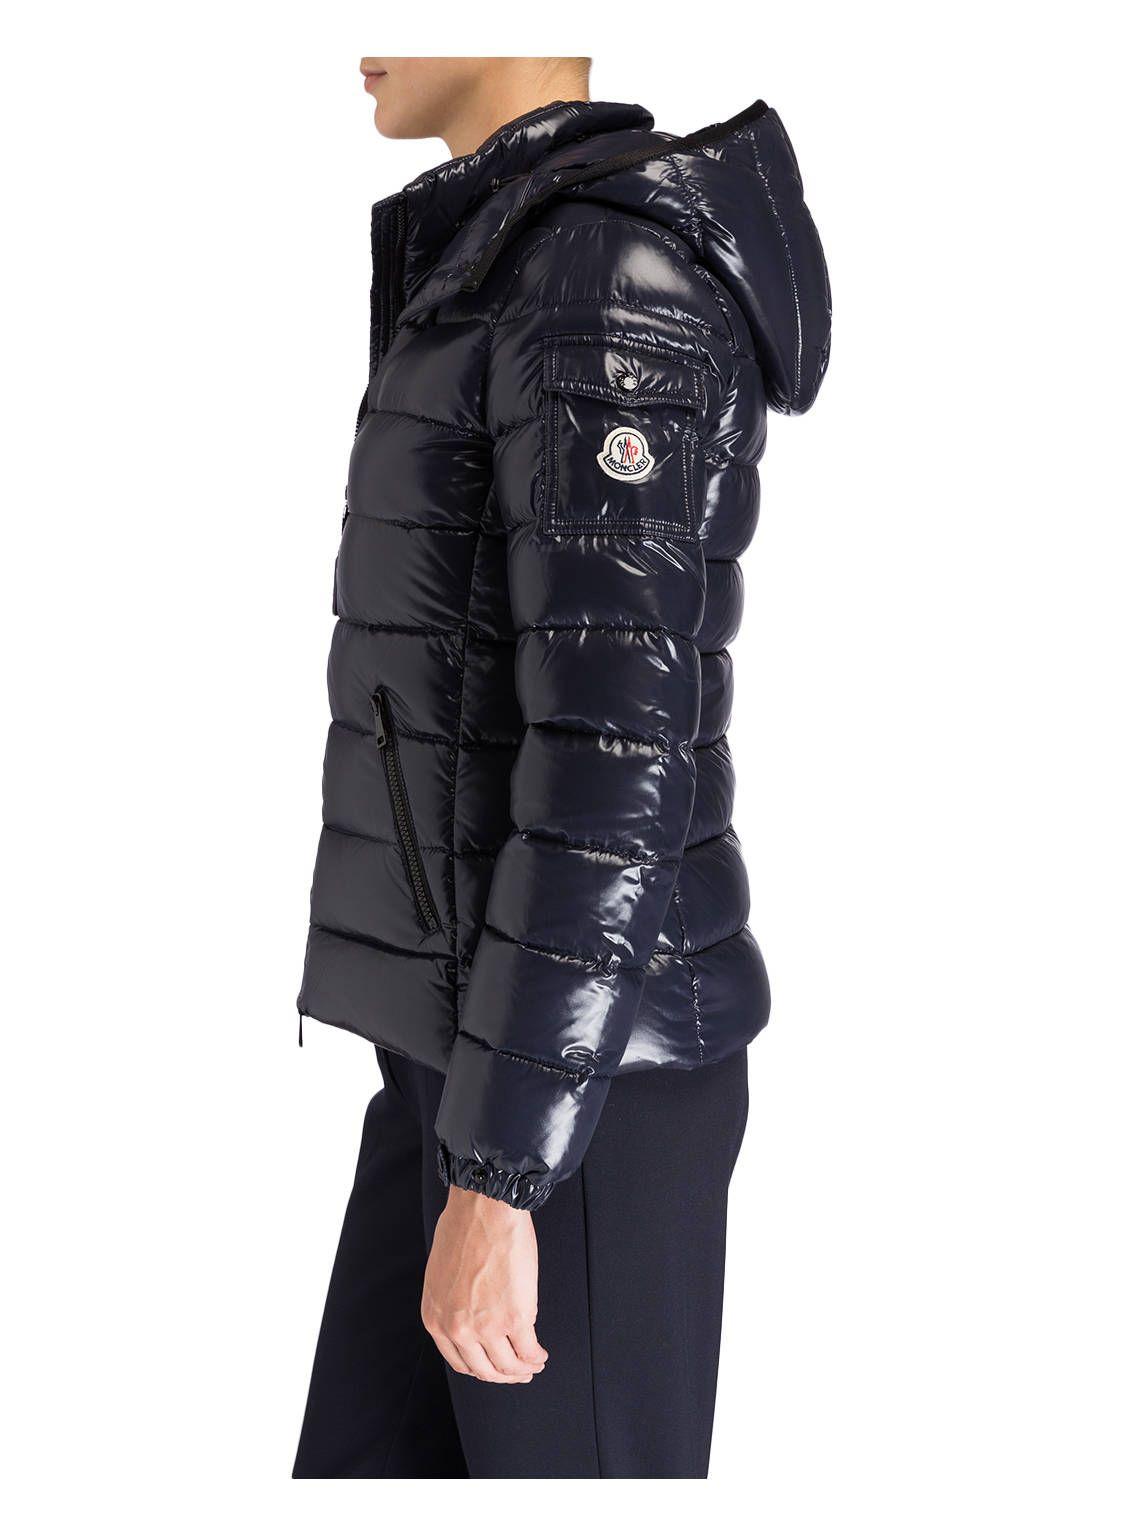 Daunenjacke BADY von MONCLER bei Breuninger kaufen   Jacken